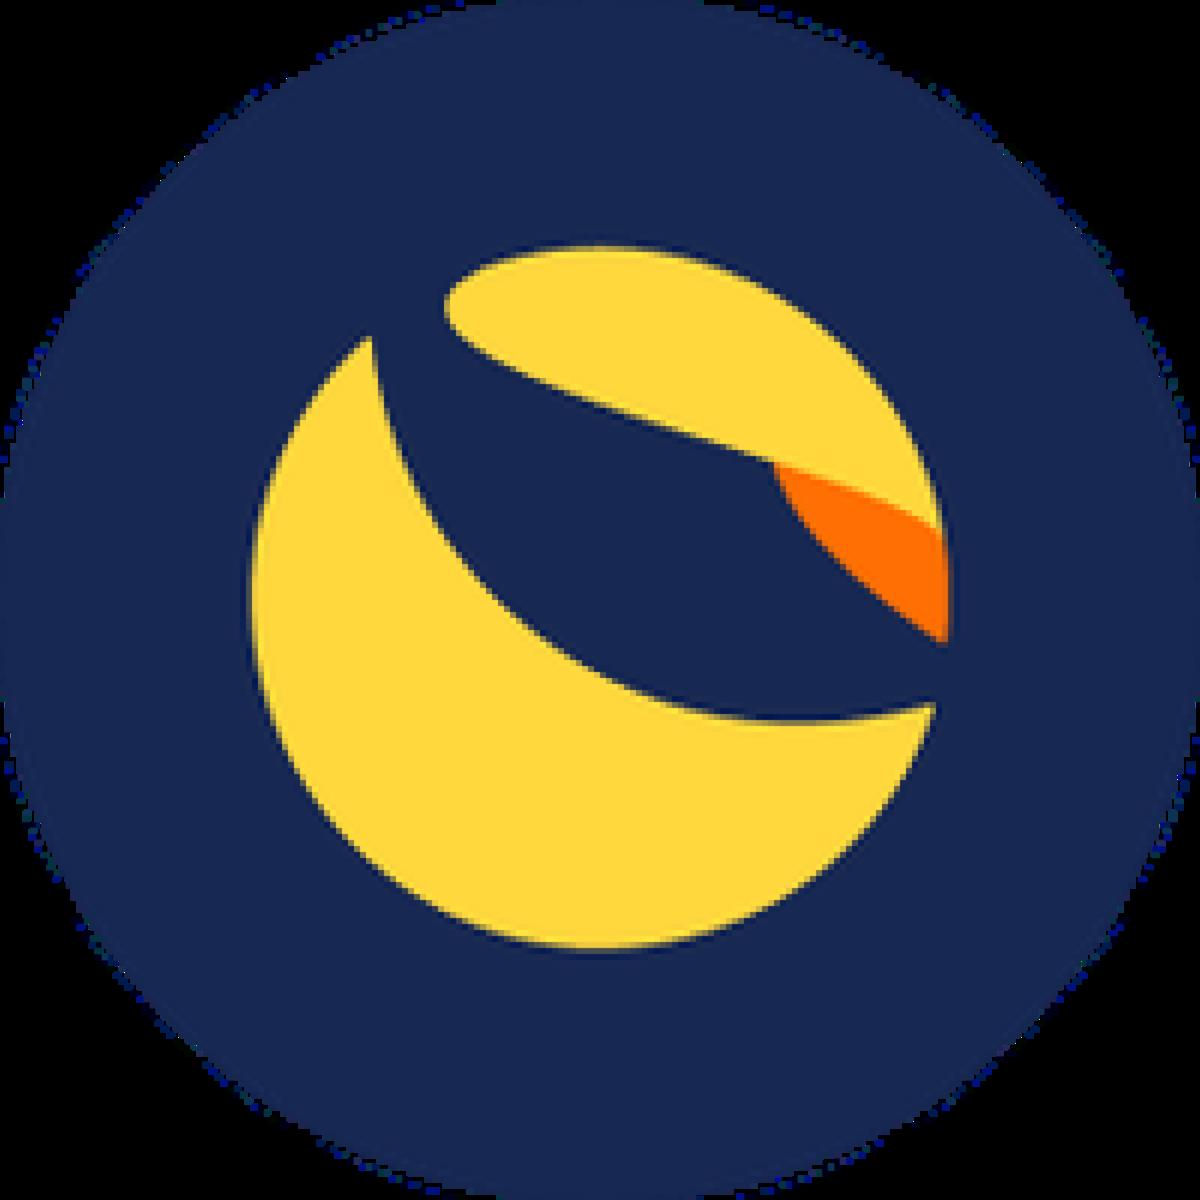 The Terra logo